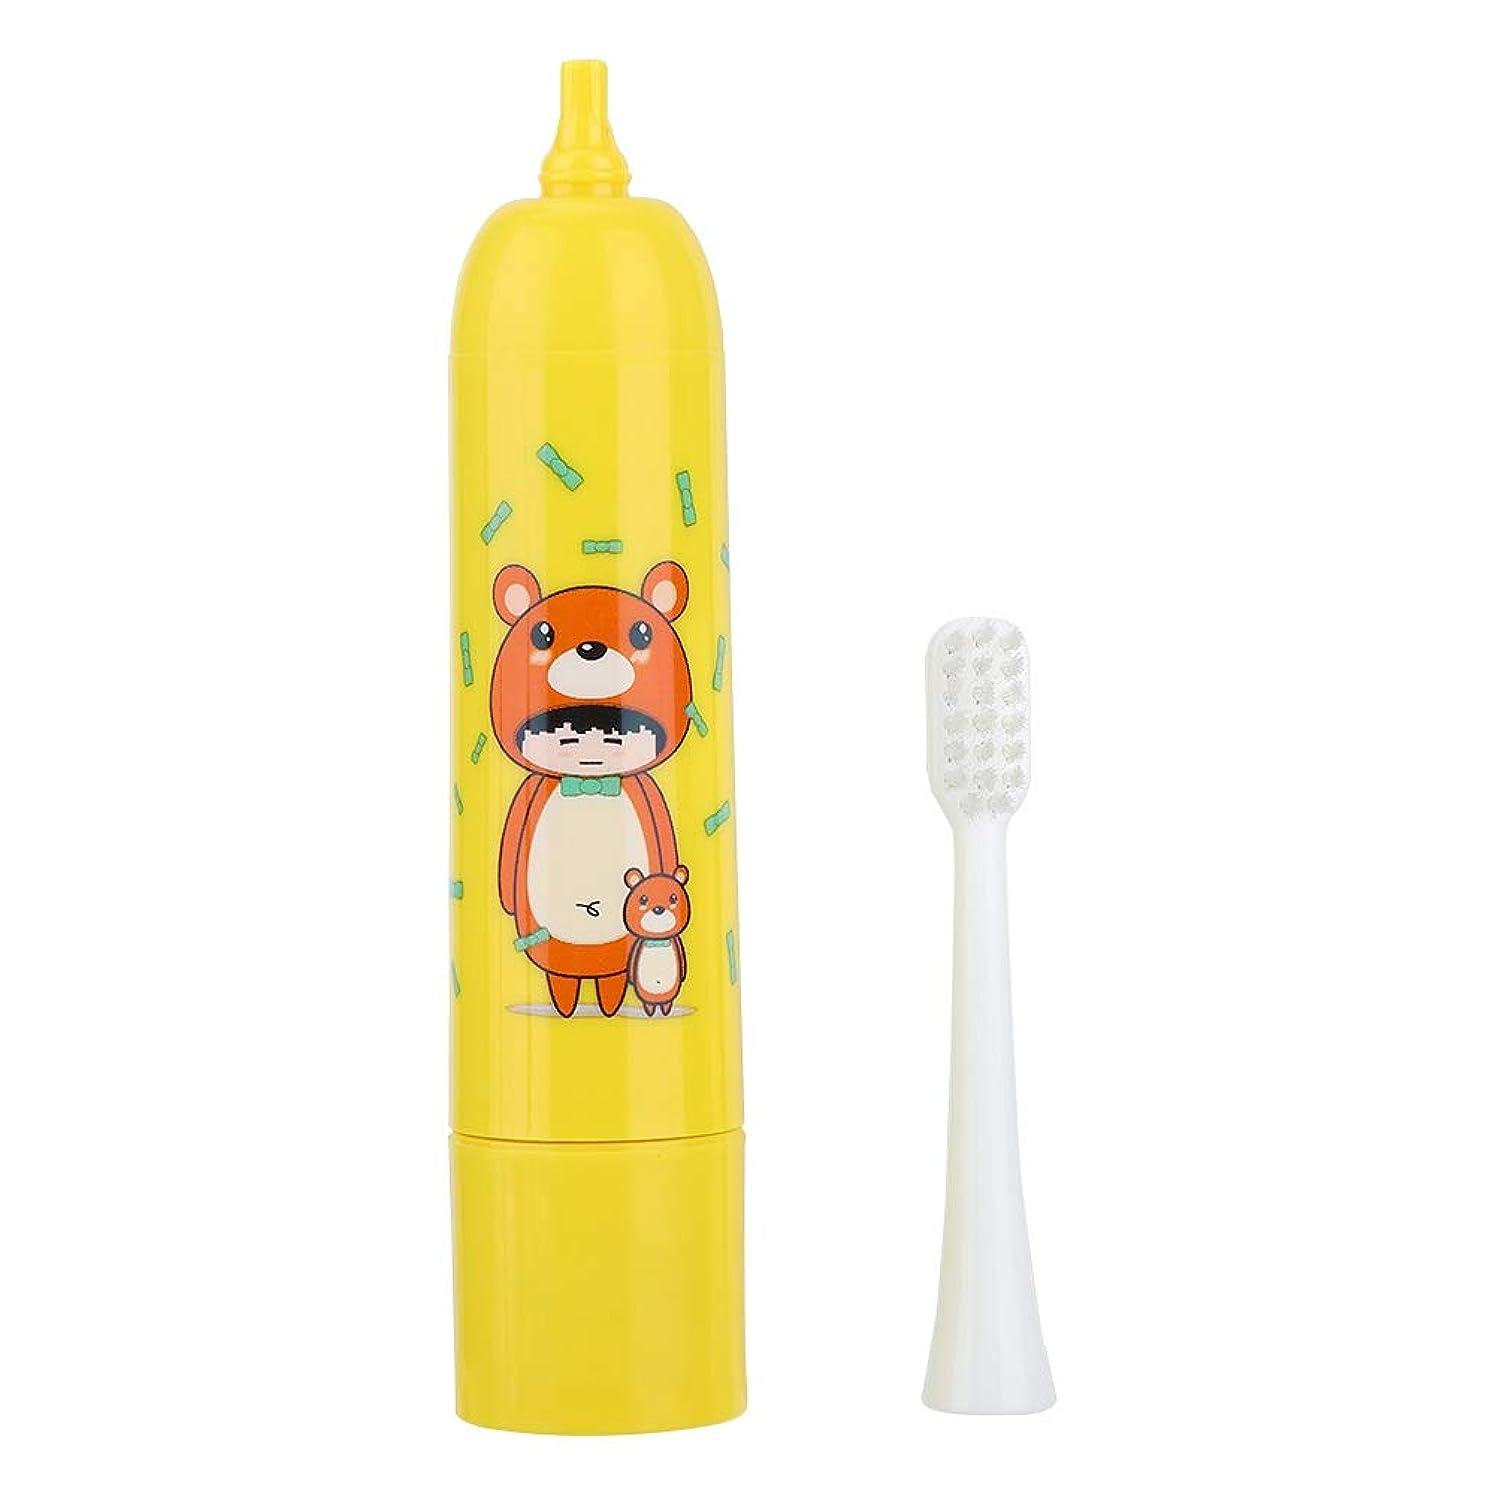 感情偏見親密な充電式歯ブラシ、電動歯ブラシ自動タイマーと精密クリーンブラシヘッドで口腔ヘルスケアのための深いクリーニング(2#)